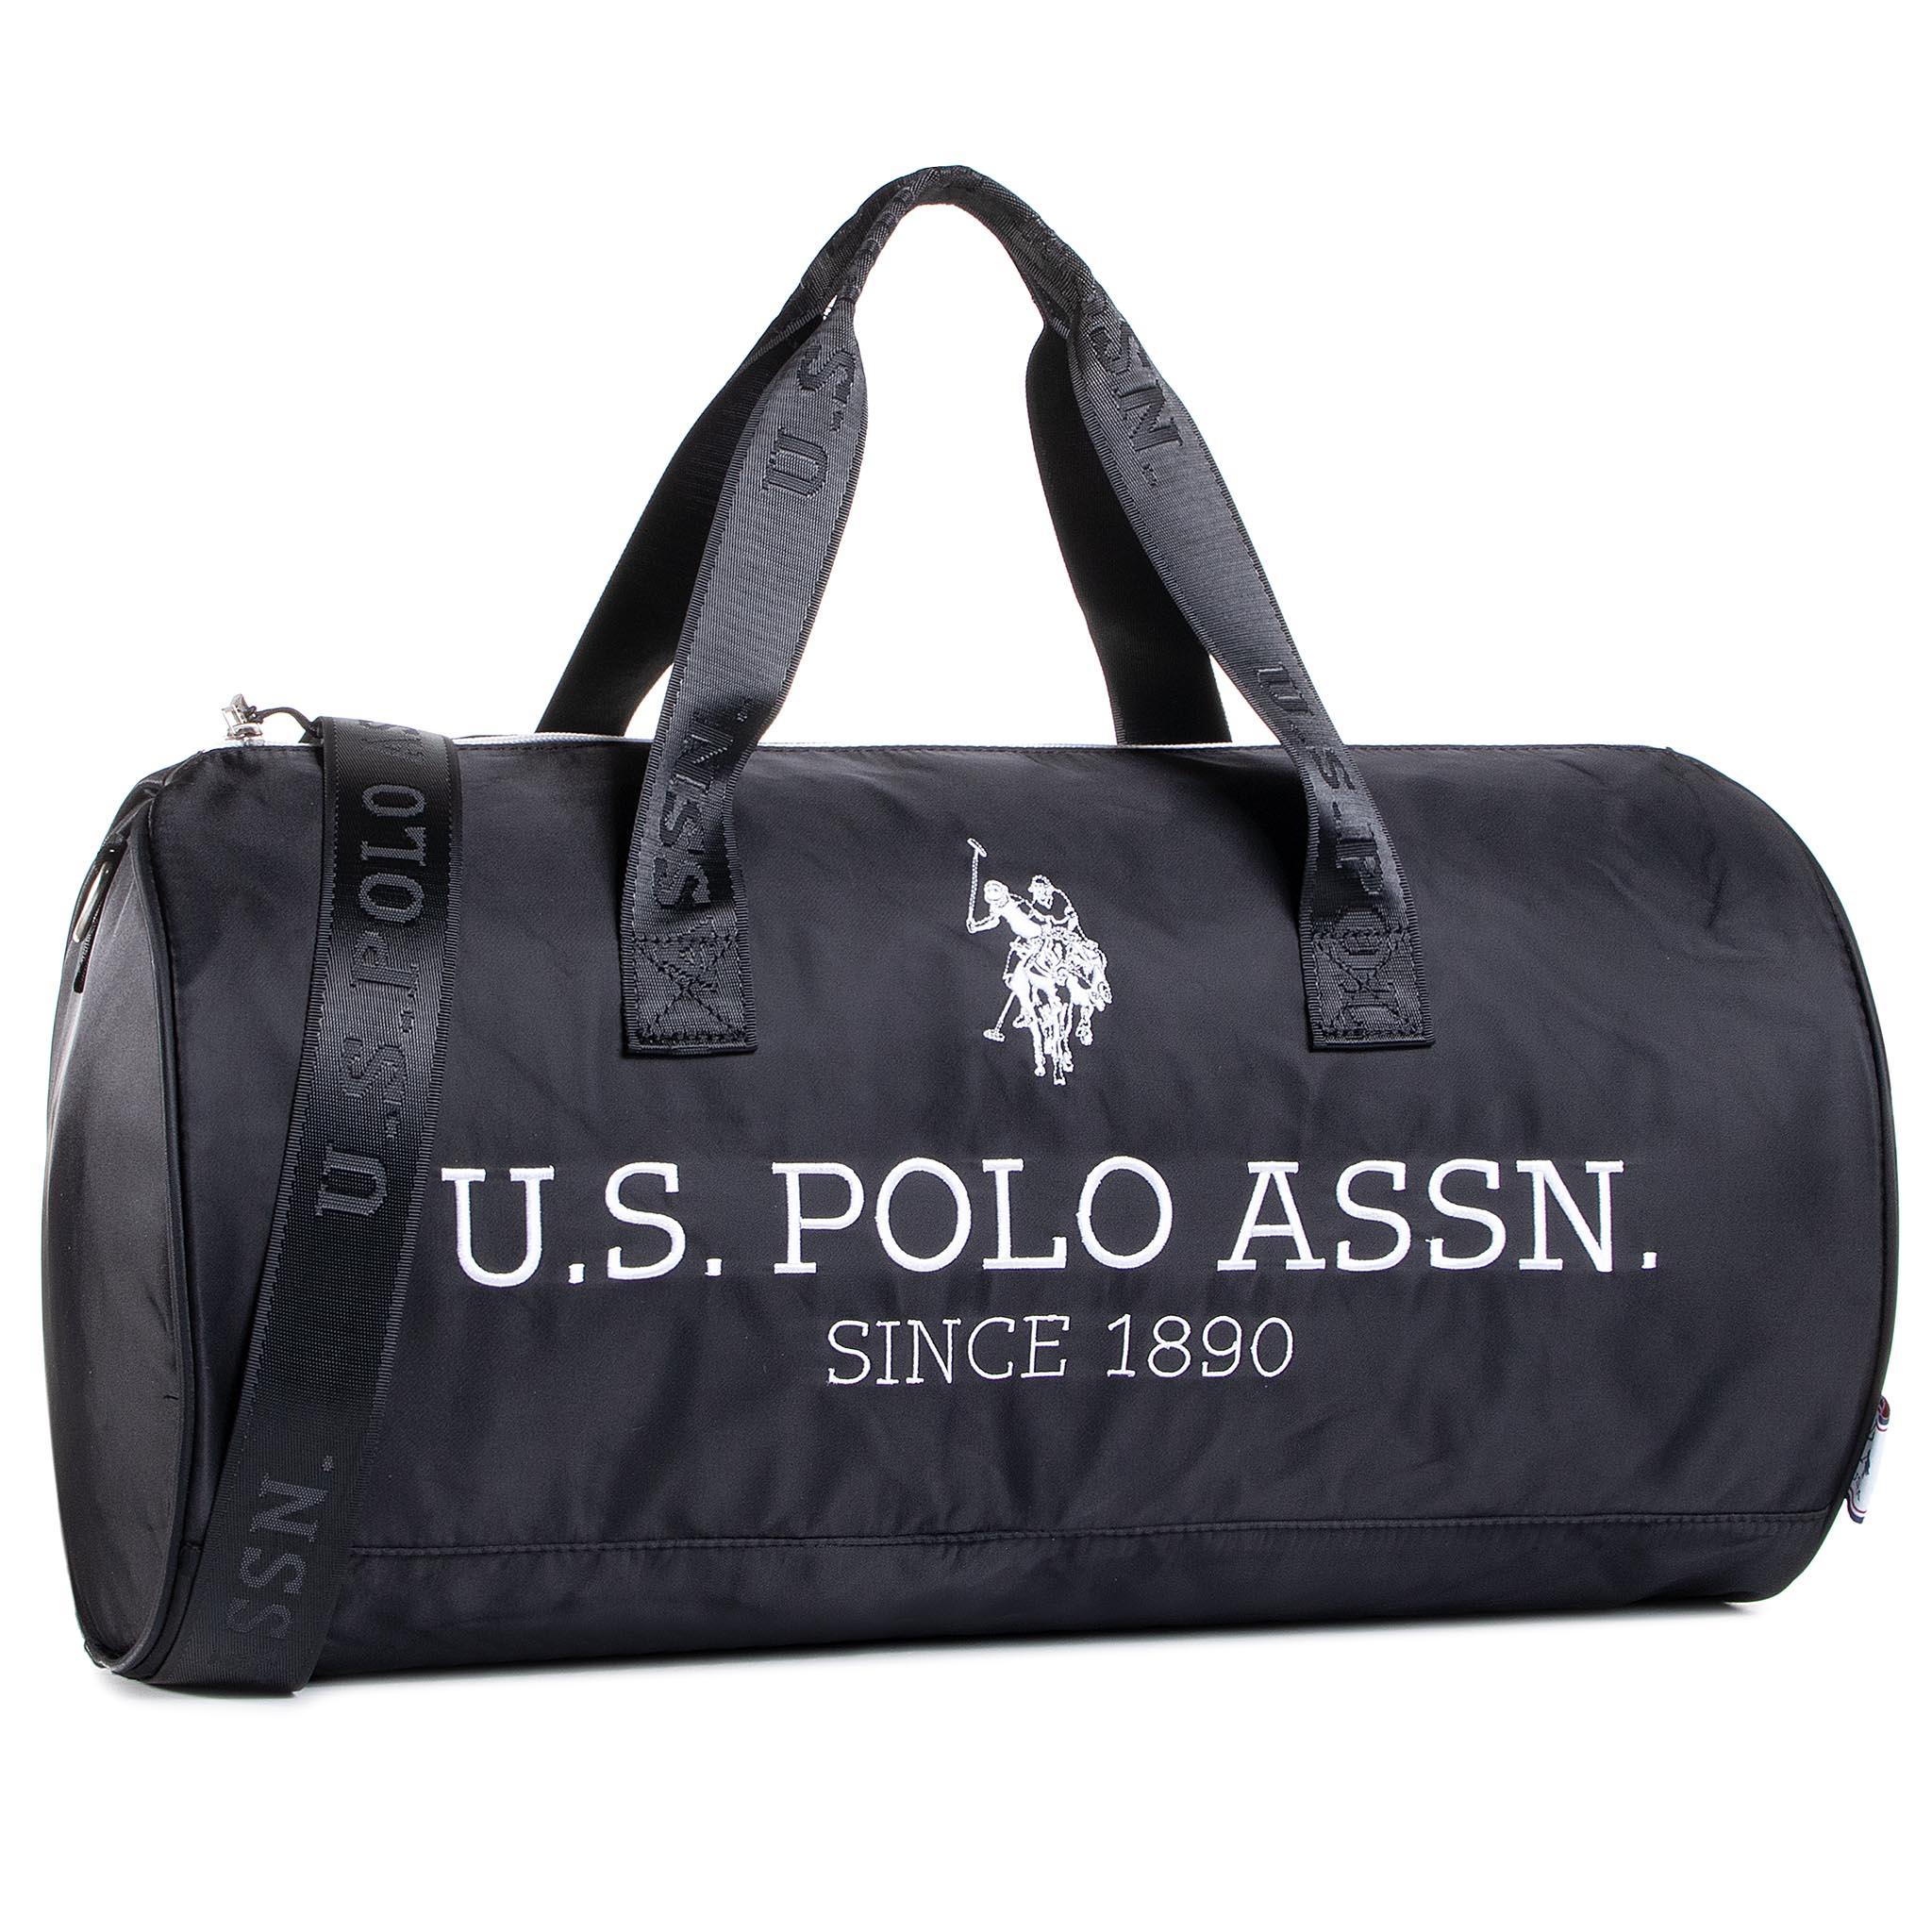 Borsa U.S. POLO ASSN. - New Bump Round Duffle Bag BIUNB4852MIA005 Black/Black